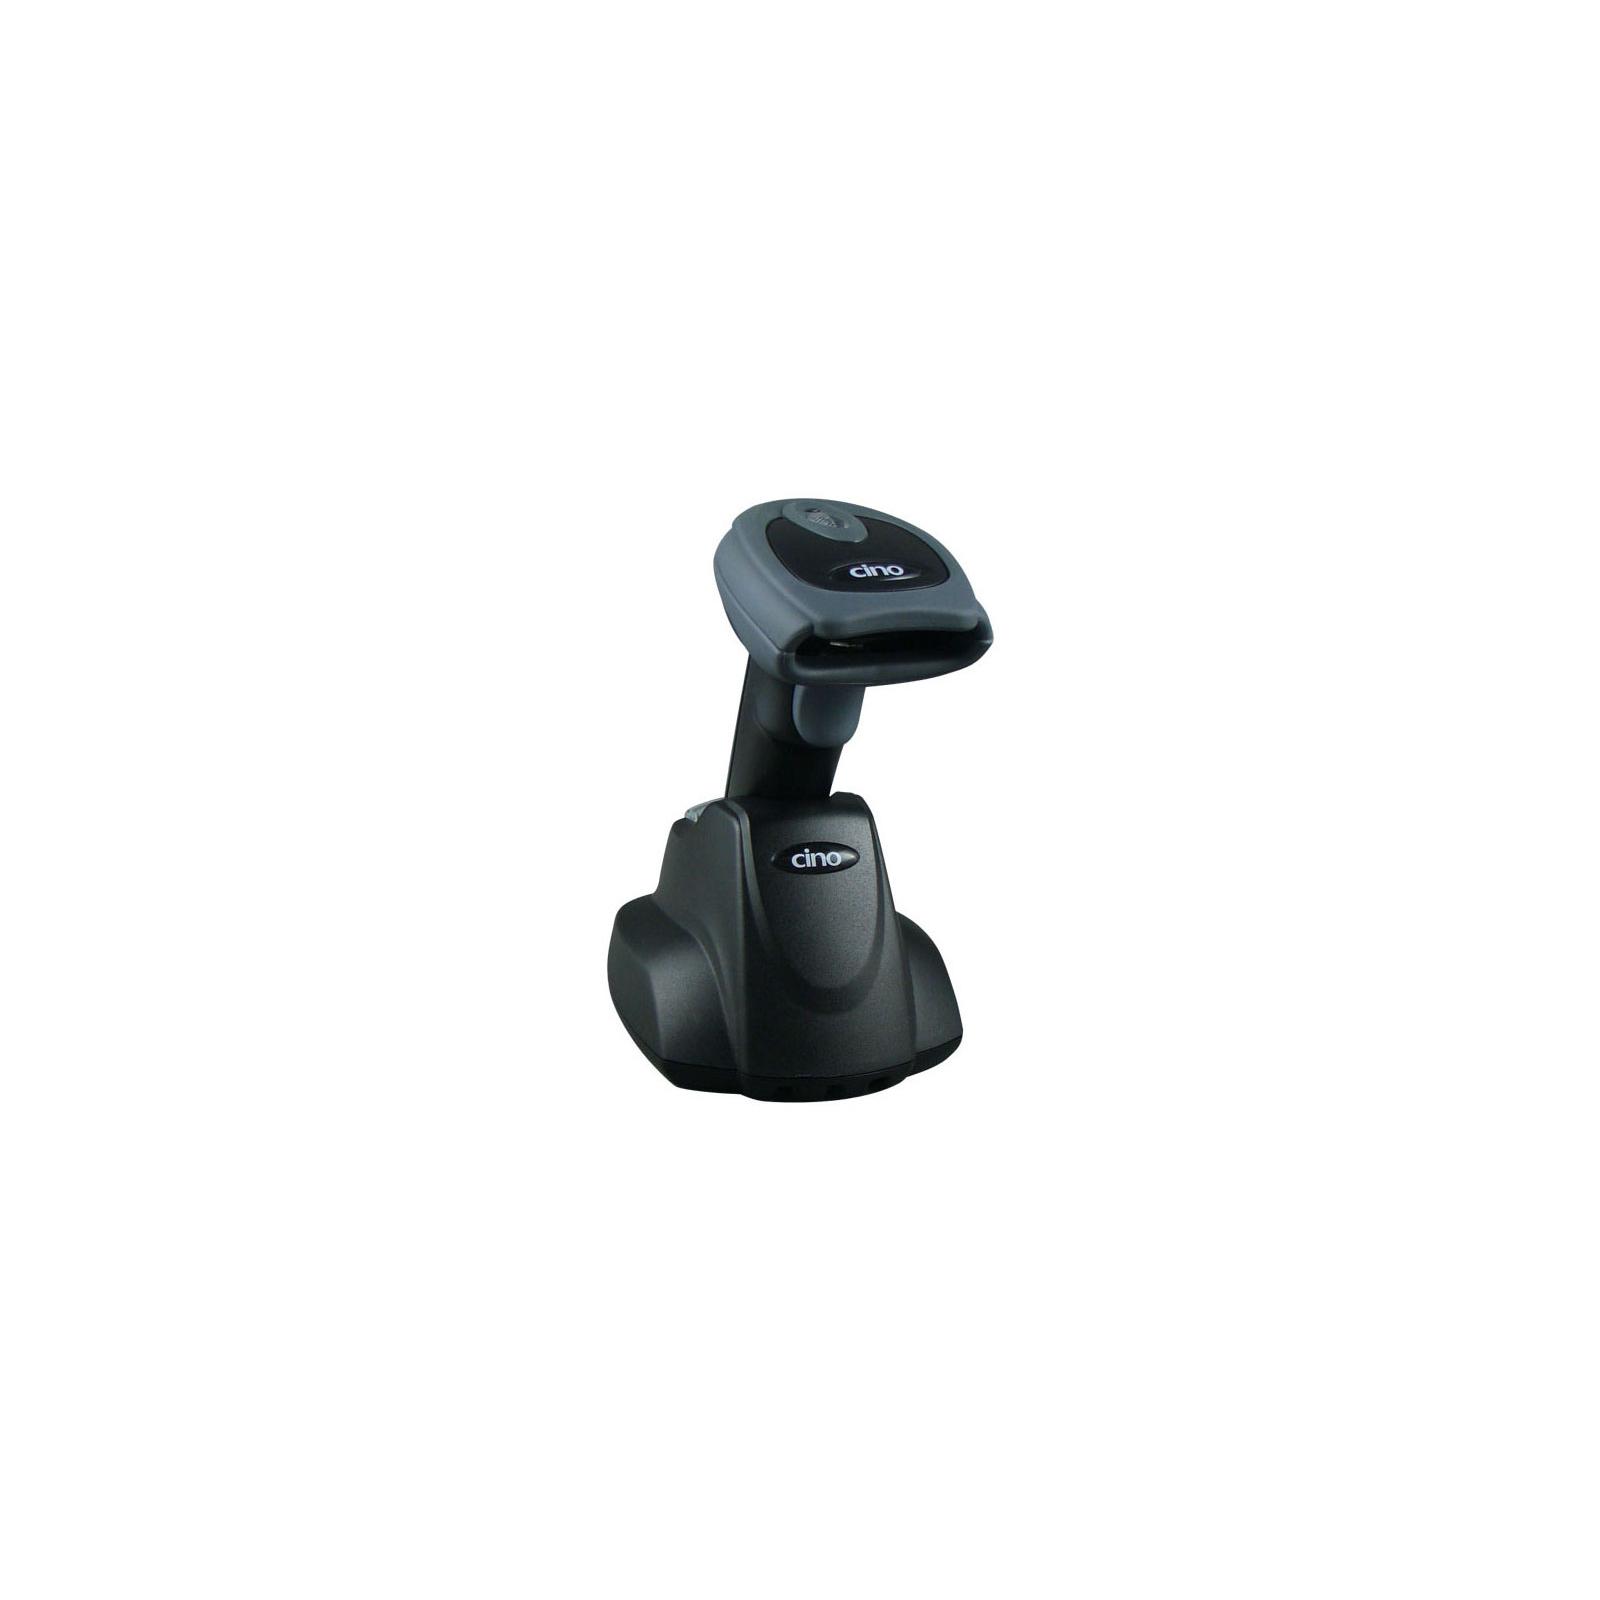 Сканер штрих-кода CINO F780BT Black изображение 2